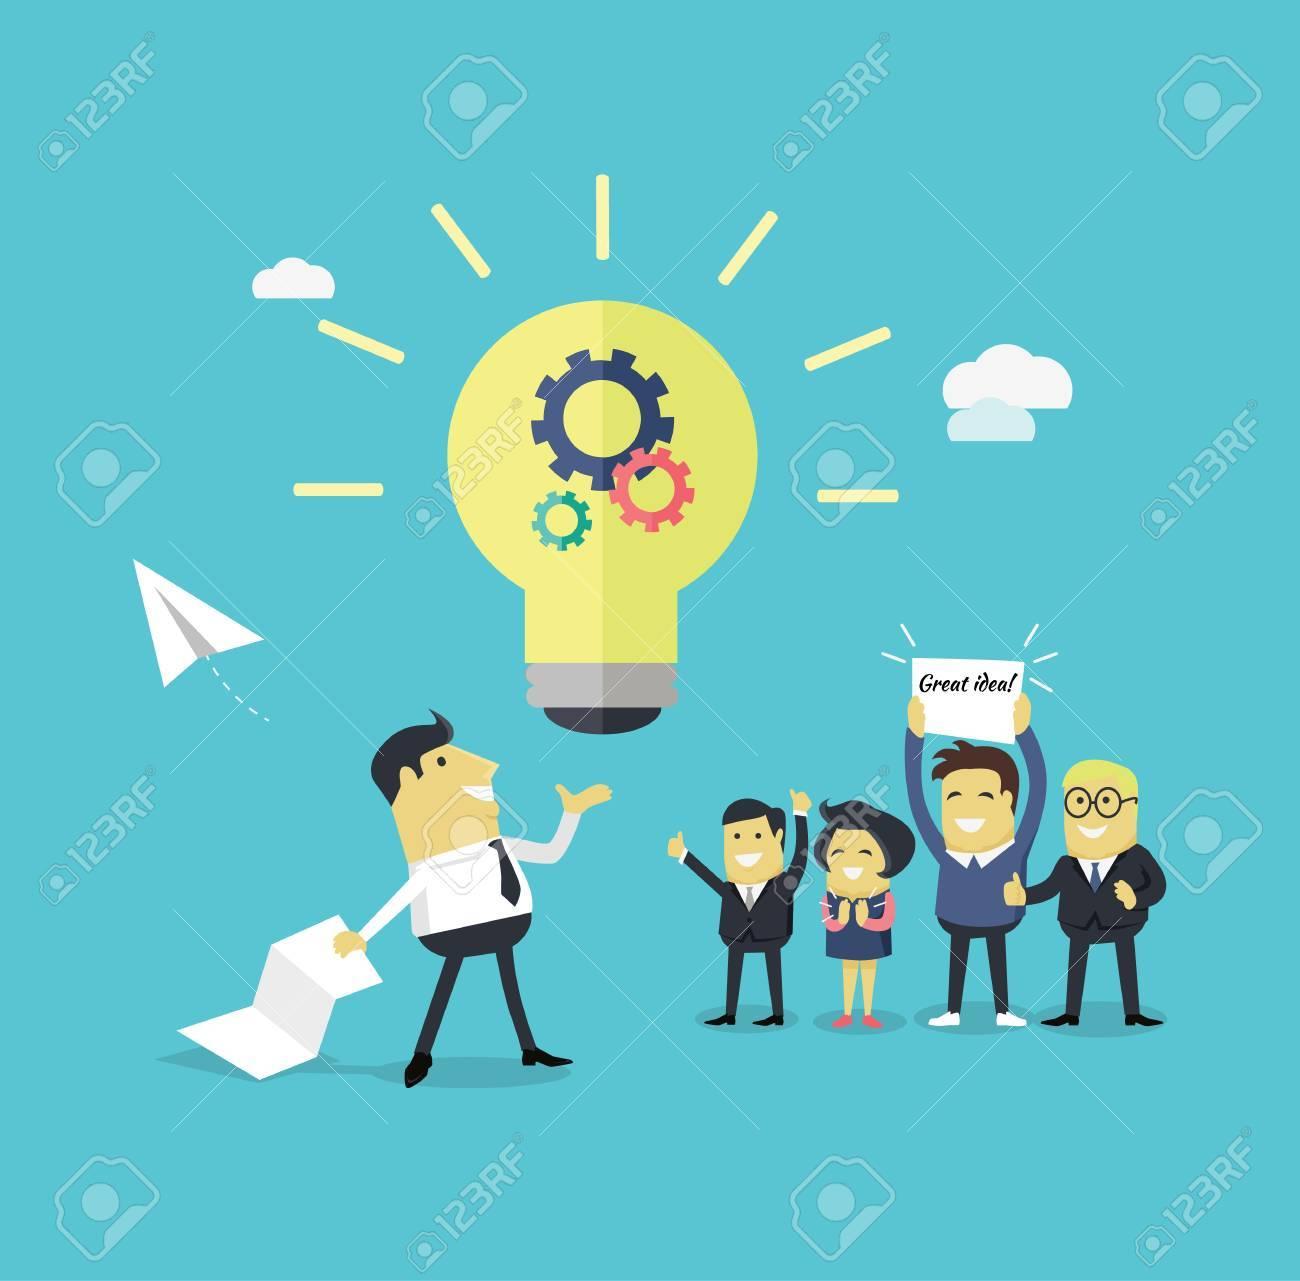 Erfolgreiche Design-Konzept Große Idee Design Flach. Geschäftsmann ...